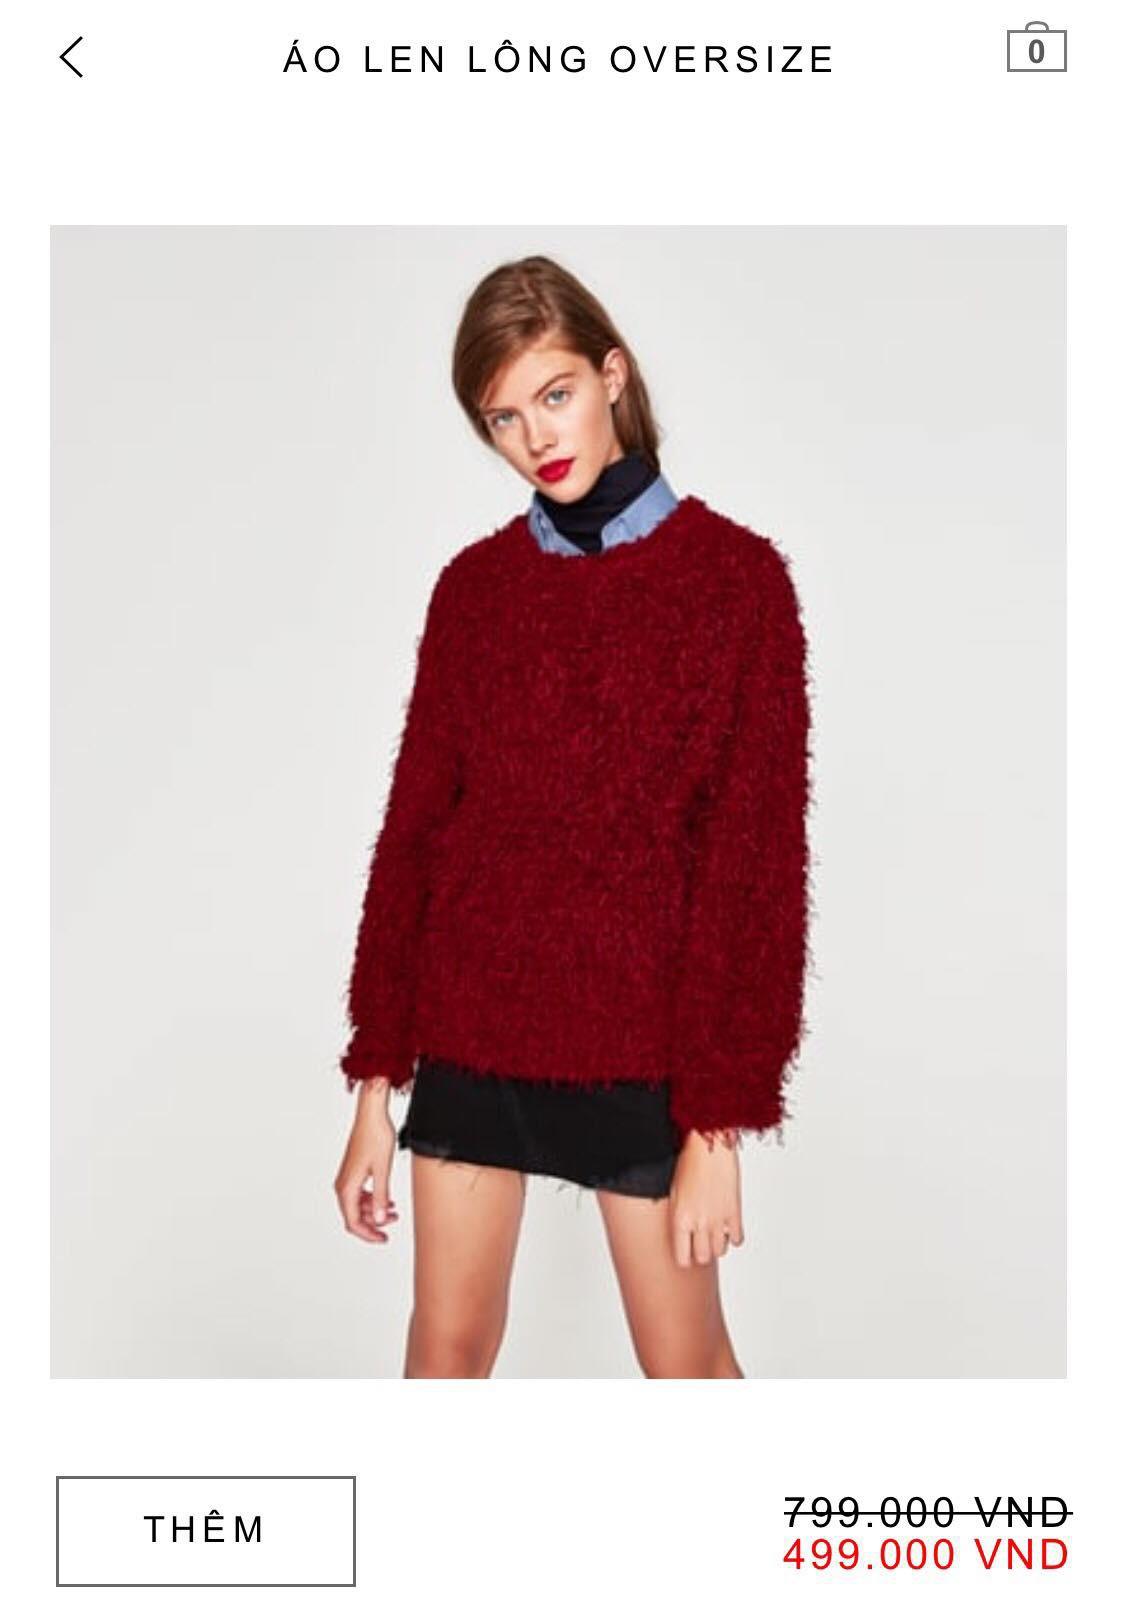 14 mẫu áo len, áo nỉ dưới 500.000 VNĐ xinh xắn, trendy đáng sắm nhất đợt sale này của Zara - Ảnh 5.